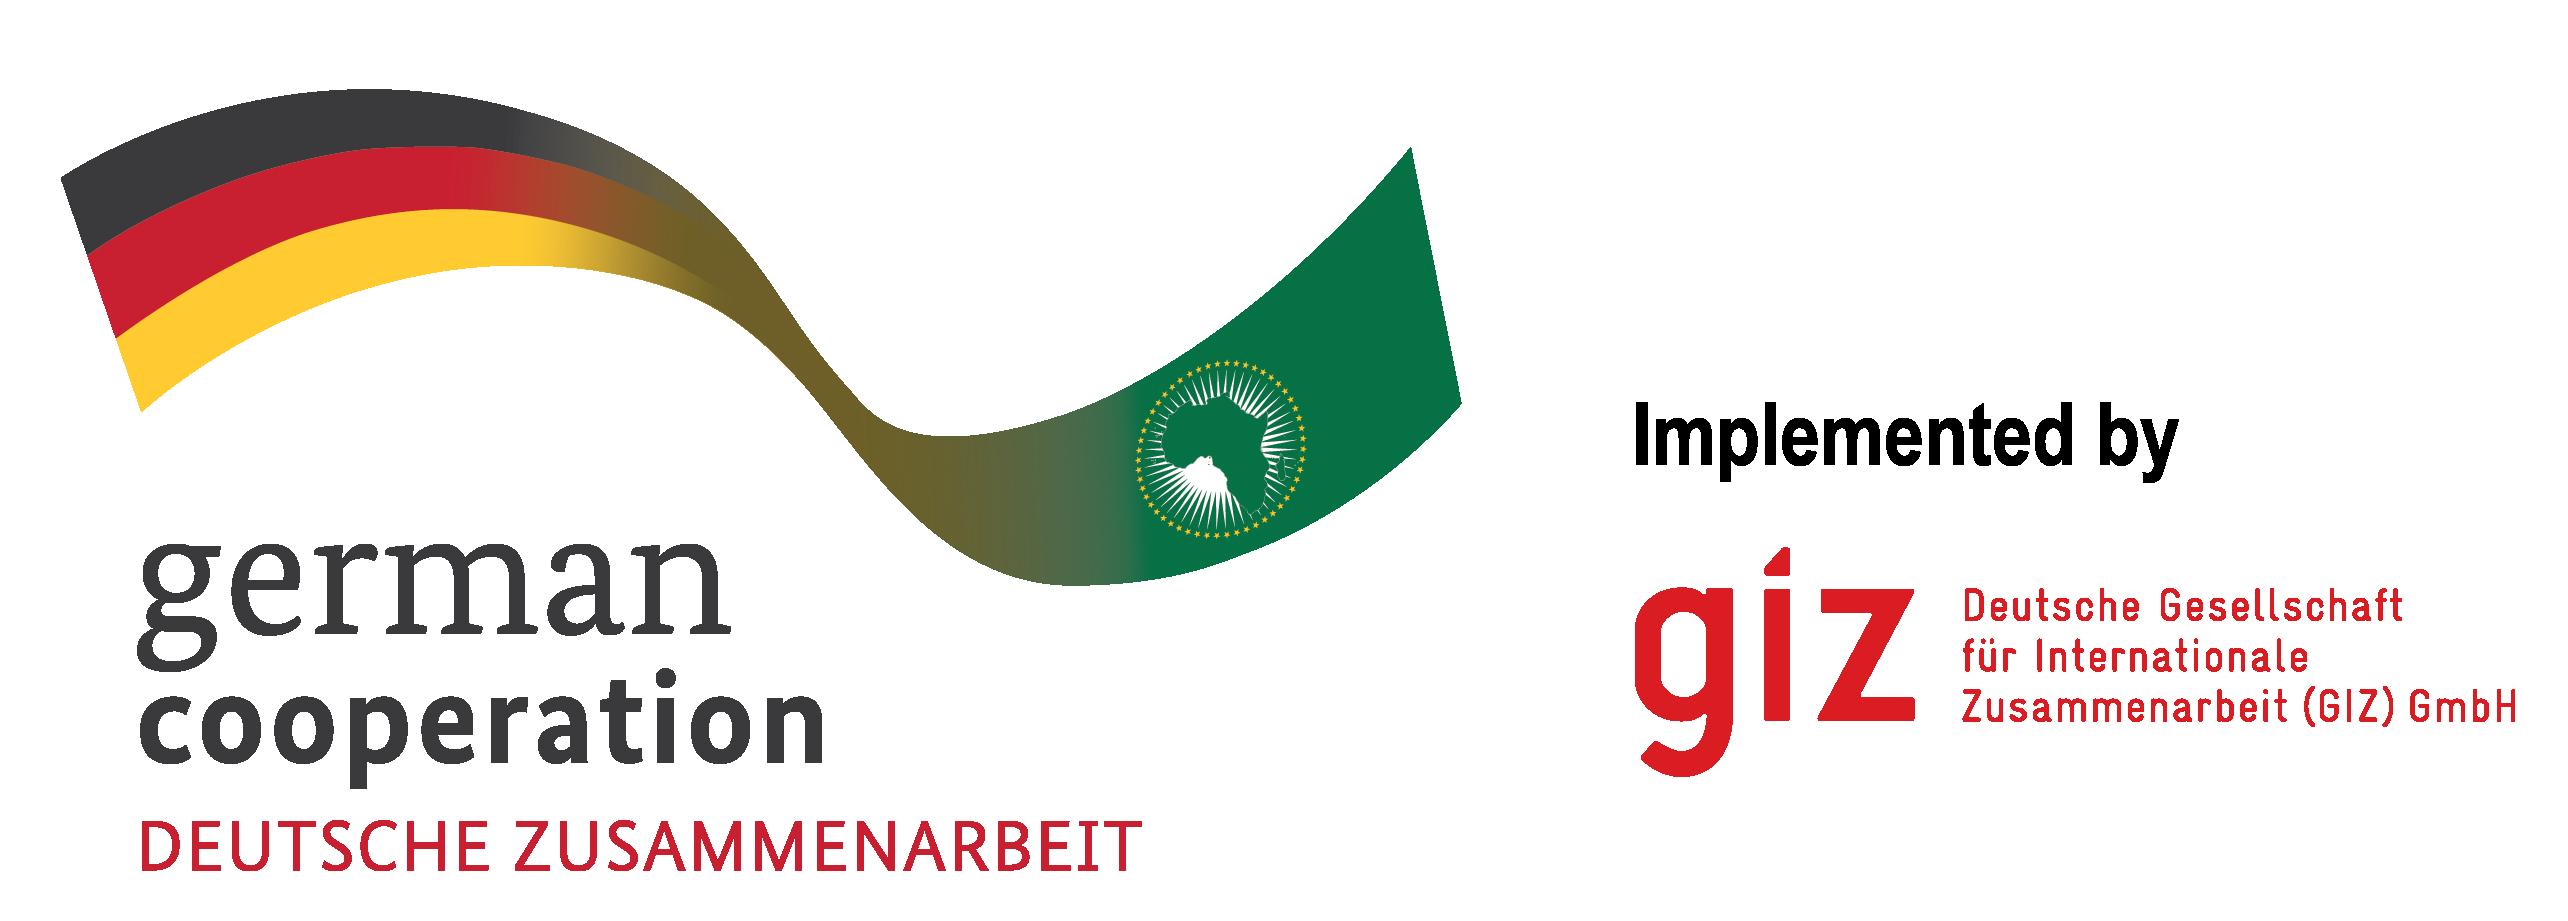 UNICEF logo